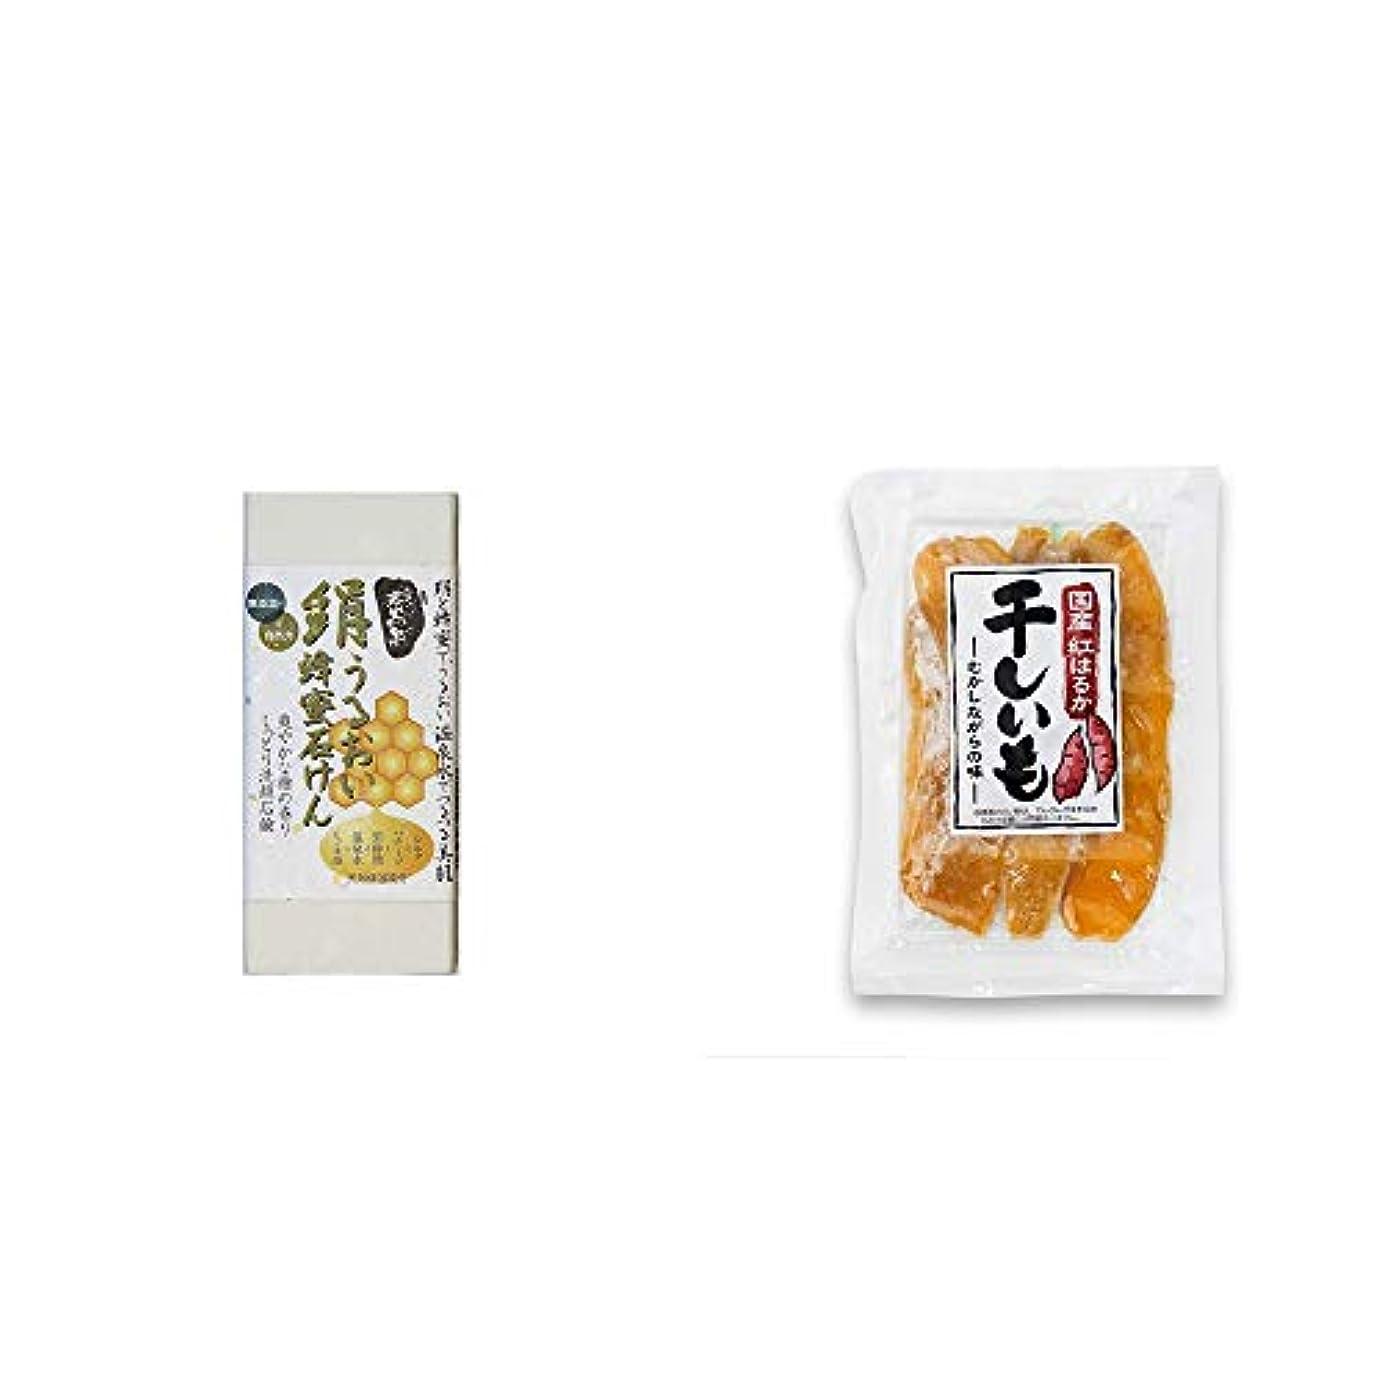 褒賞曲ほとんどの場合[2点セット] ひのき炭黒泉 絹うるおい蜂蜜石けん(75g×2)?国産 紅はるか 干しいも(140g)